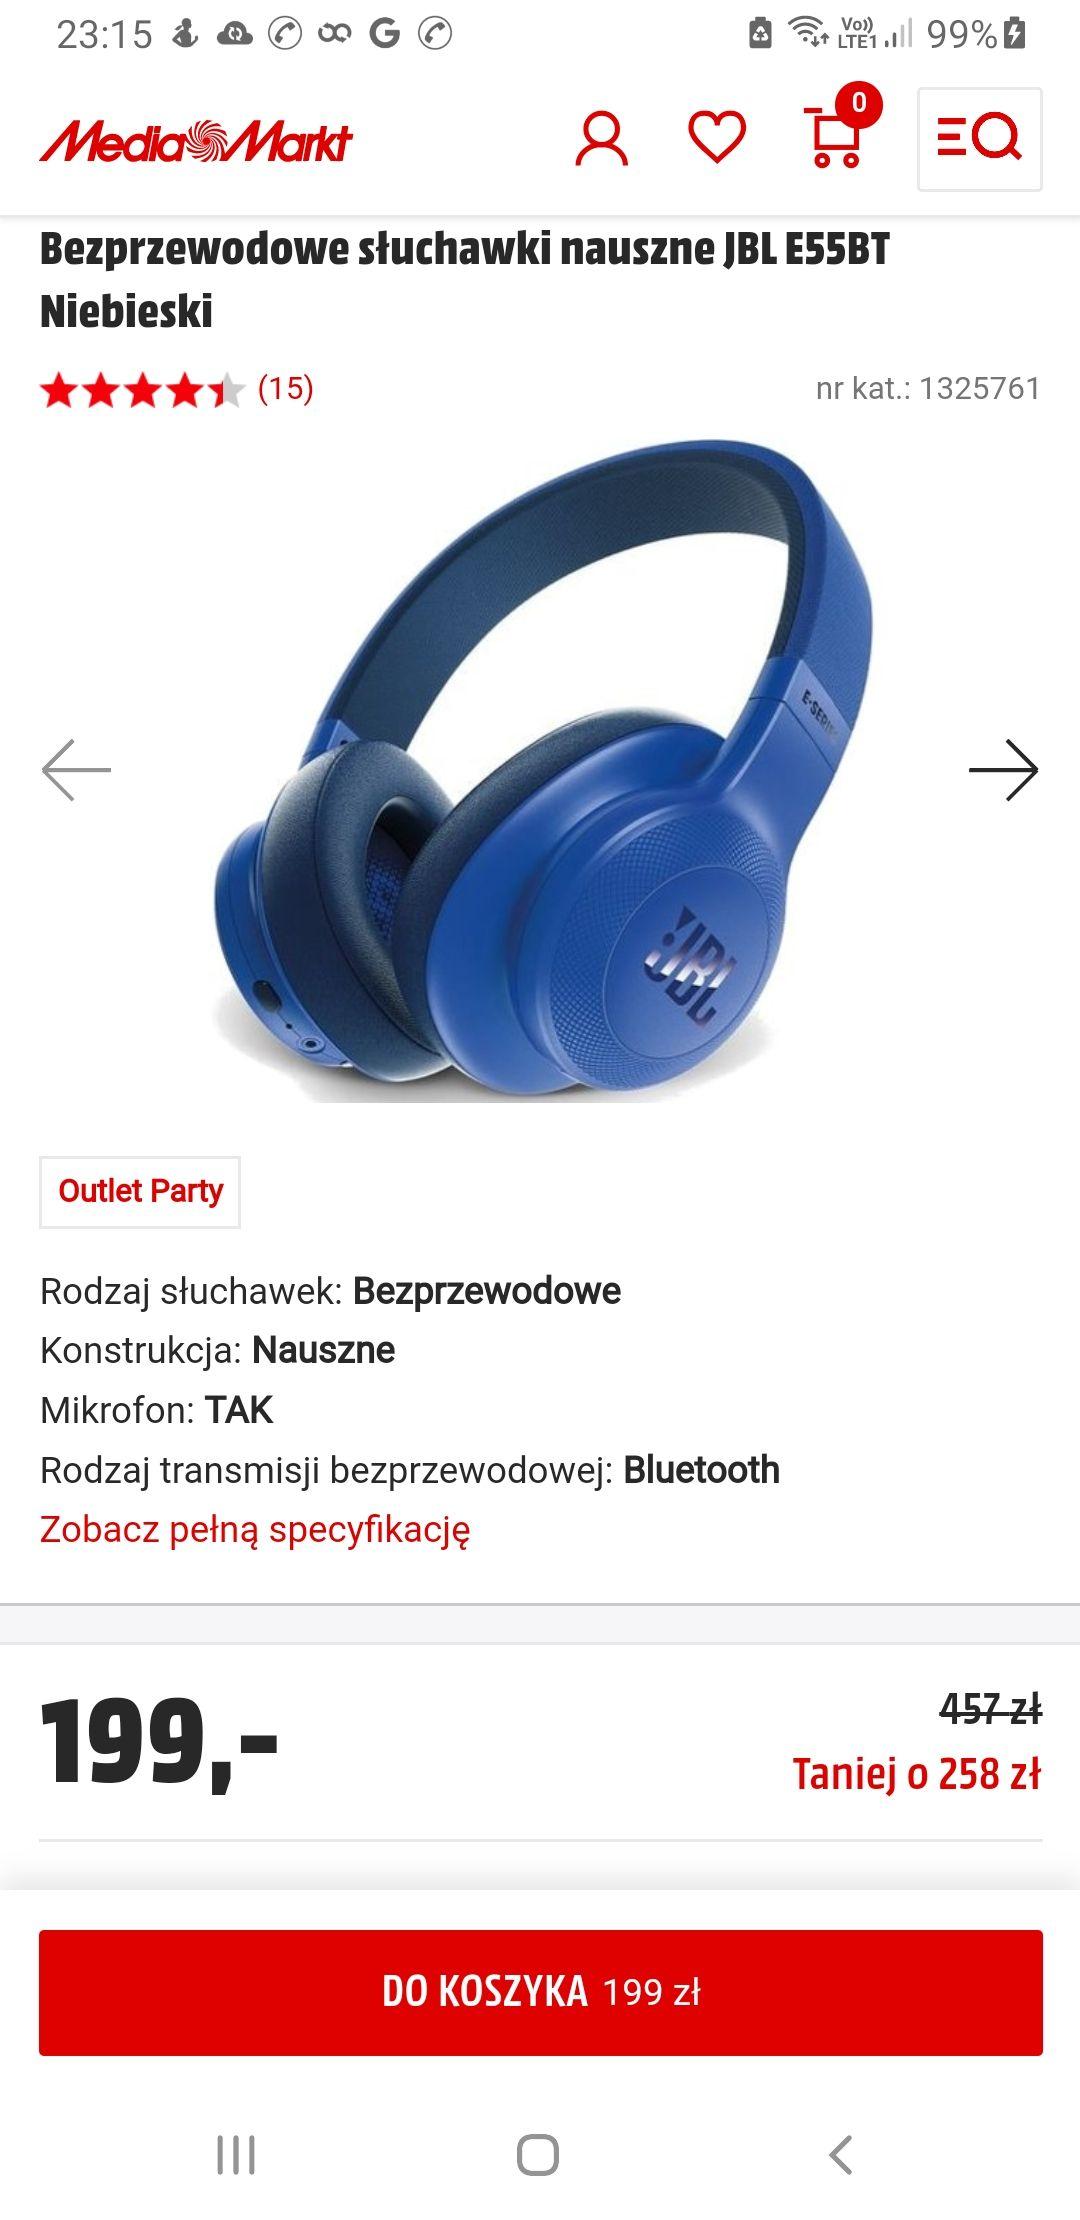 Bezprzewodowe słuchawki nauszne JBL E55BT (Lokalnie - ekspozycja)